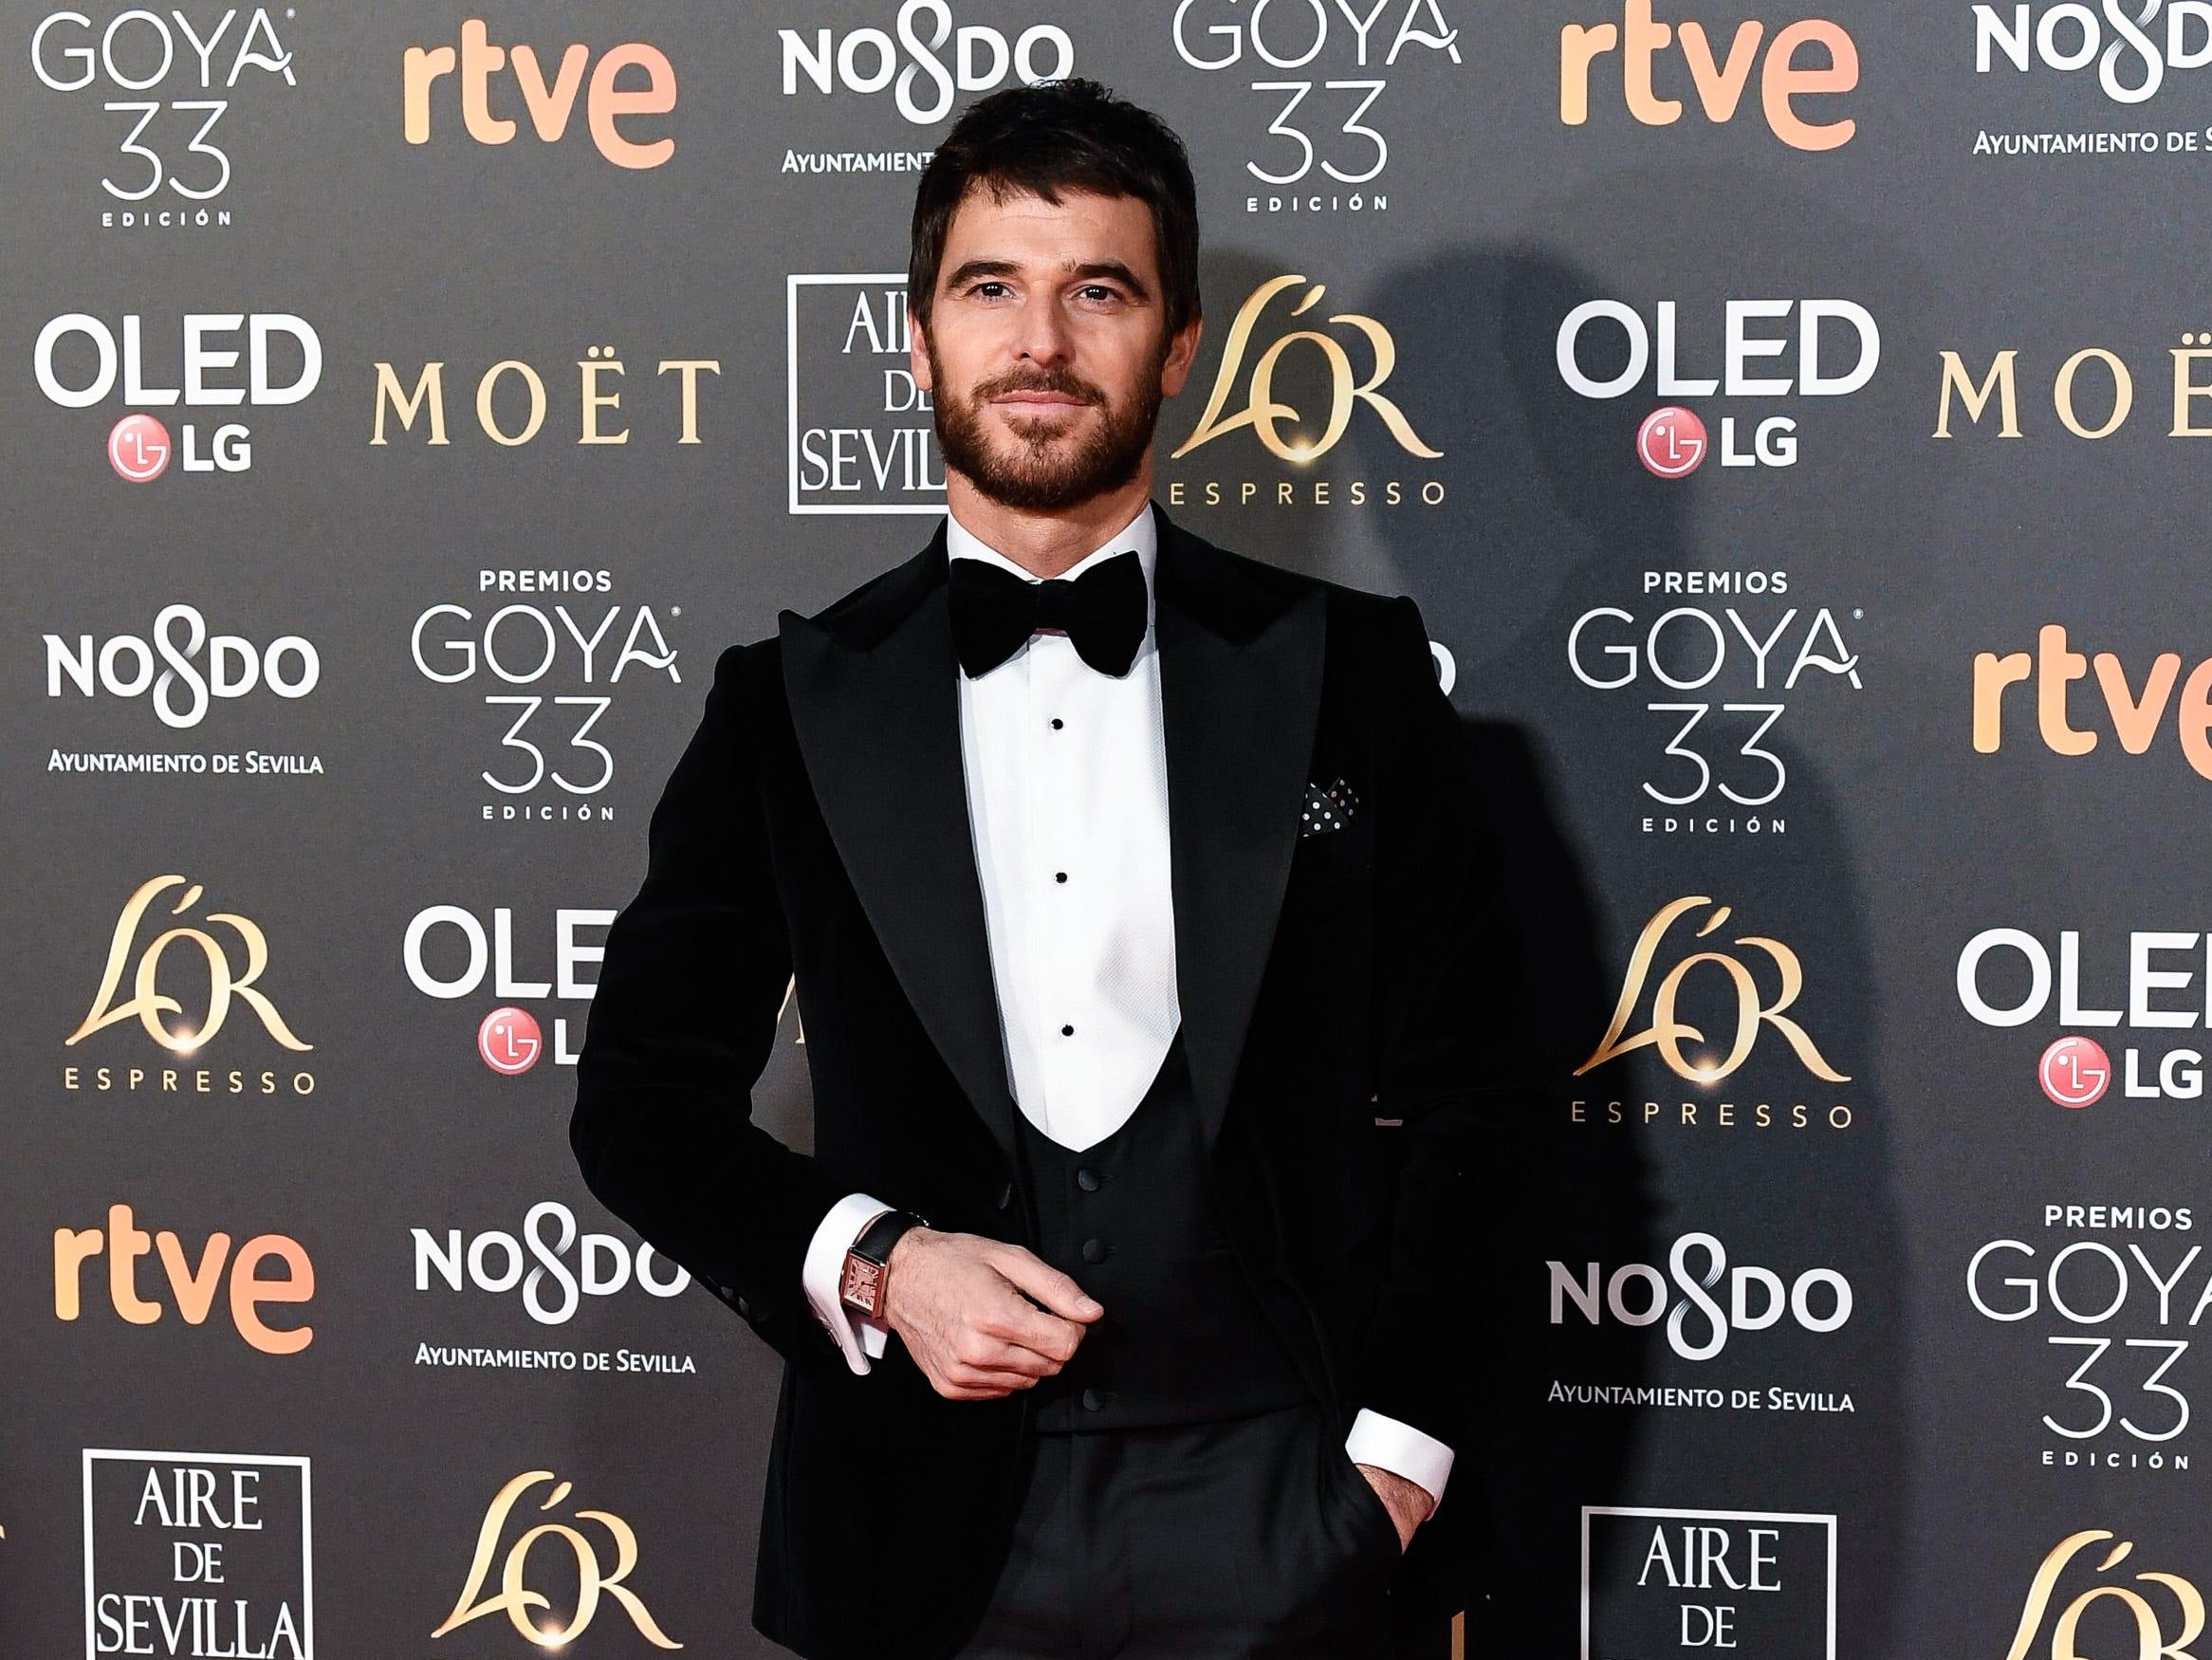 Alfonso Bassave asiste a la 33ª edición de los Premios de Cine Goya en el Palacio de Congresos y Exposiciones FIBES el 2 de febrero de 2019 en Sevilla, España.